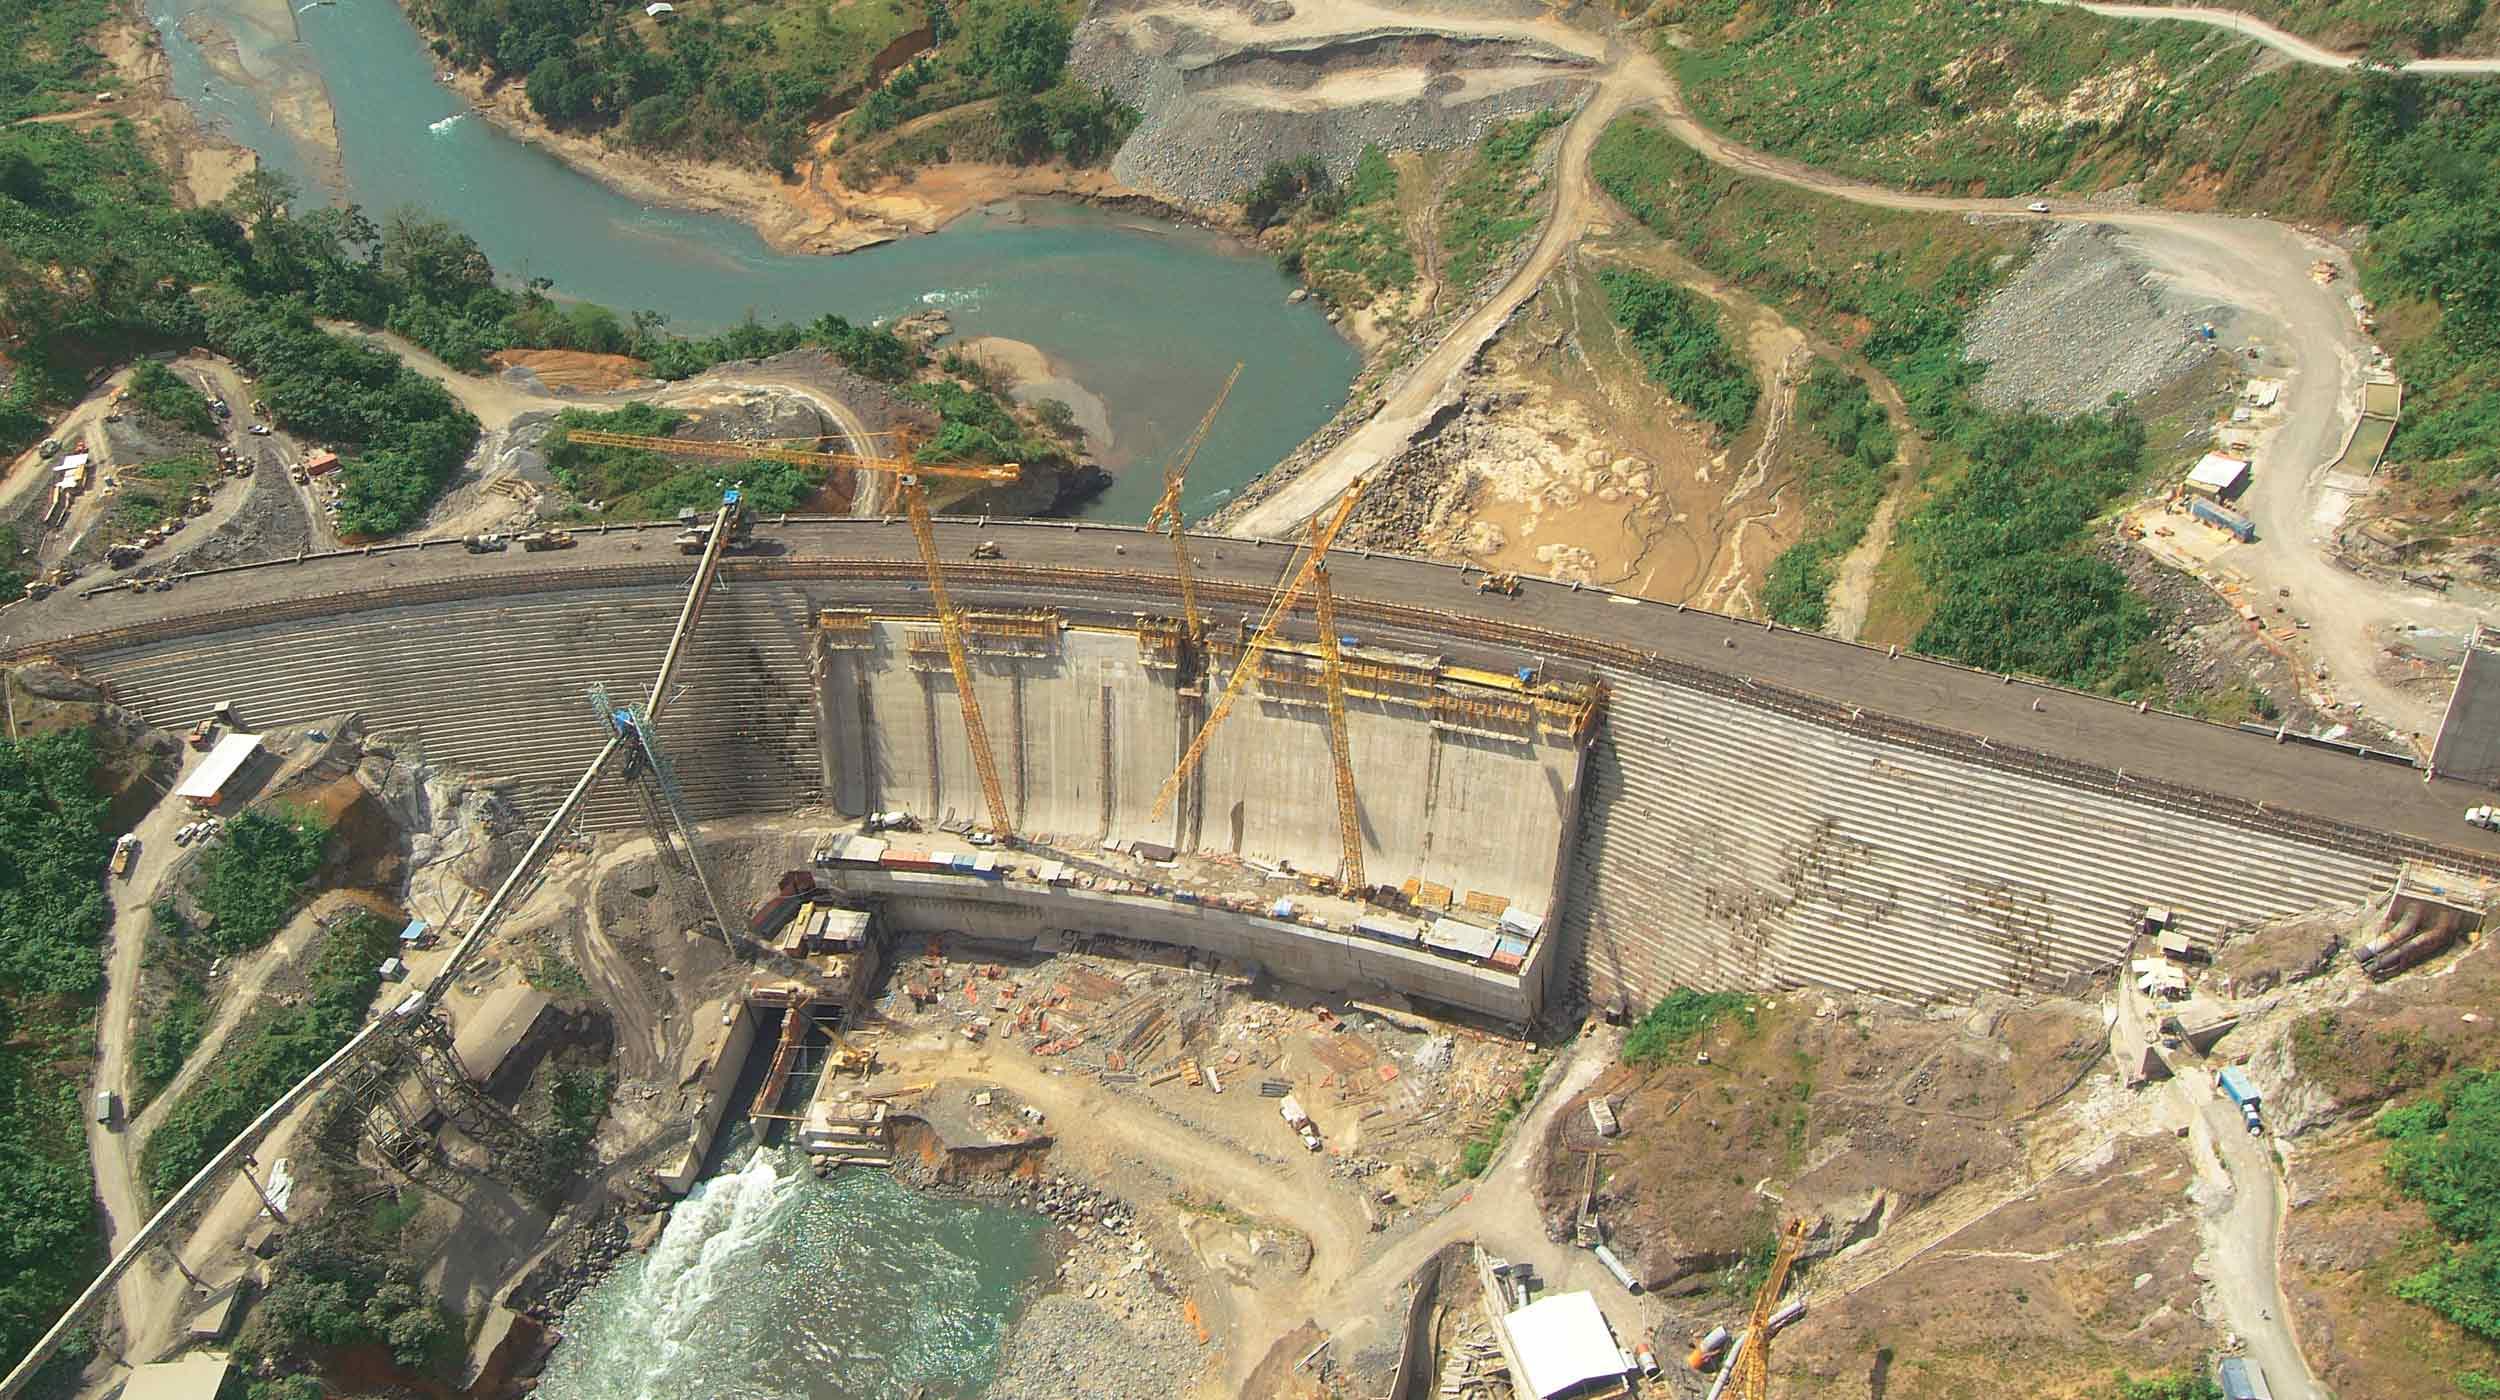 Esta grande obra, localizada na província panamenha Bocas de Toro, contempla em sua fase principal a barragem da futuro reservatório no rio Changuinola.